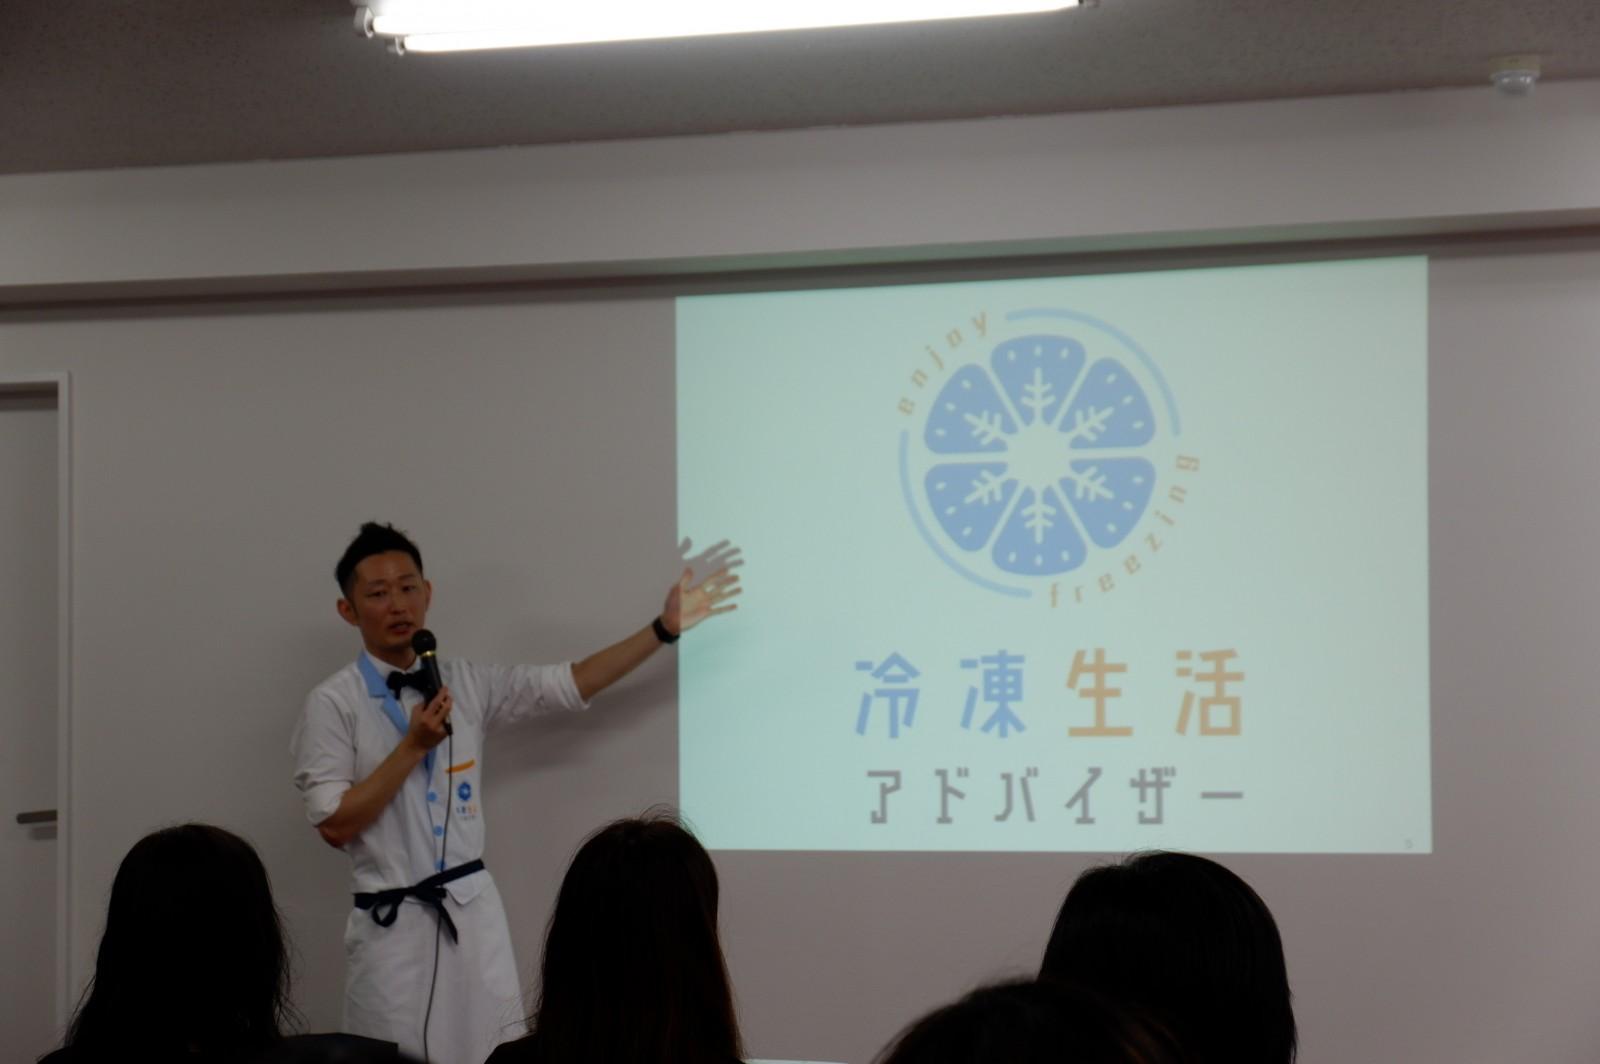 冷凍王子 西川剛史さん「ヒルナンデス!」で食品を美味しく、ムダにしない冷凍テクニックを披露